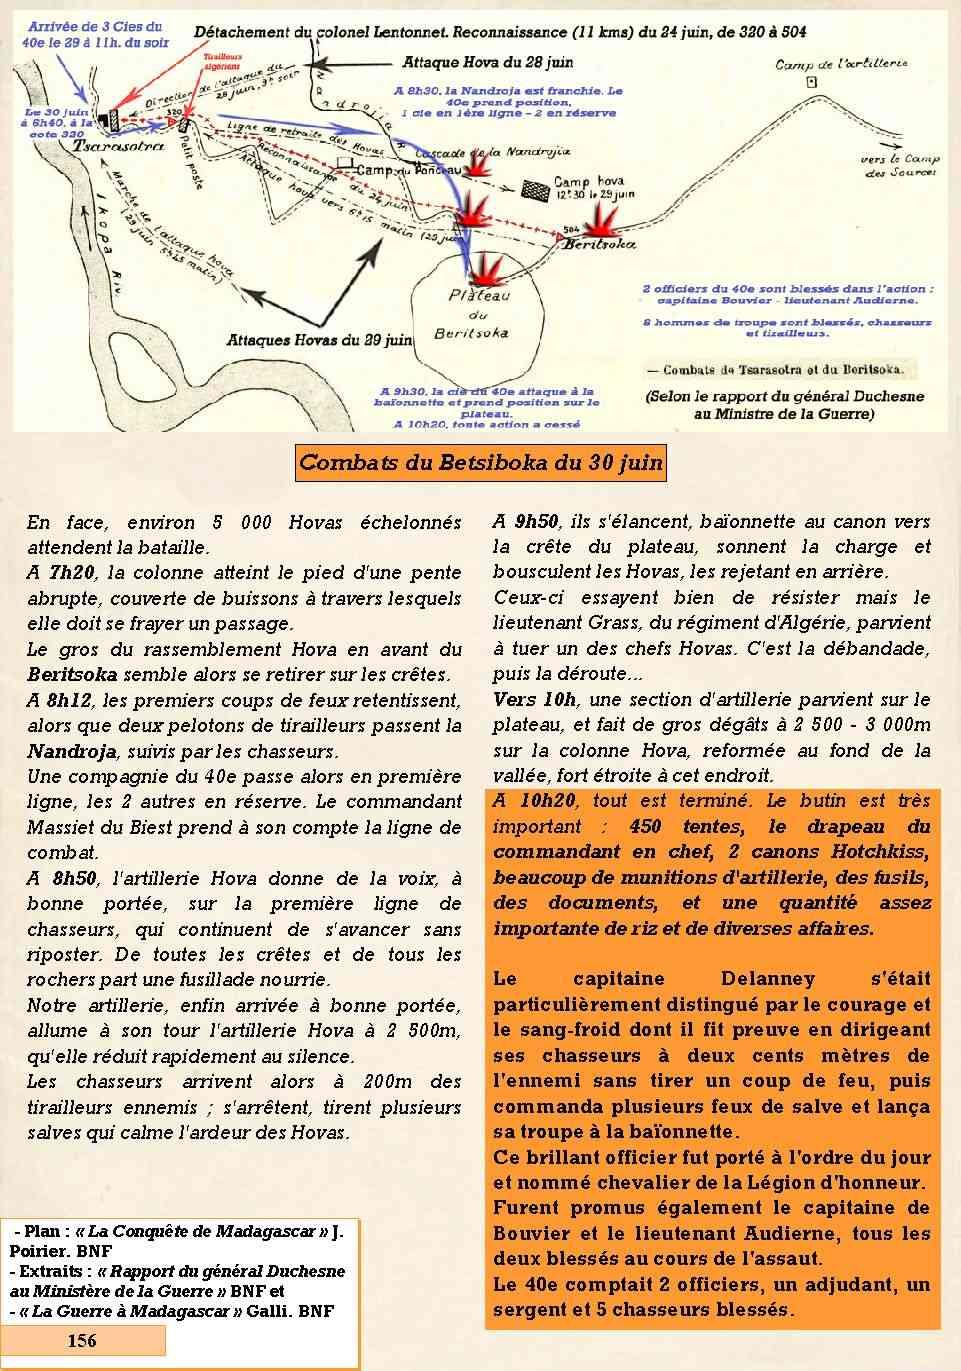 L'Historique du 14e Bataillon de Chasseurs. 1854 - 1962 Page_184